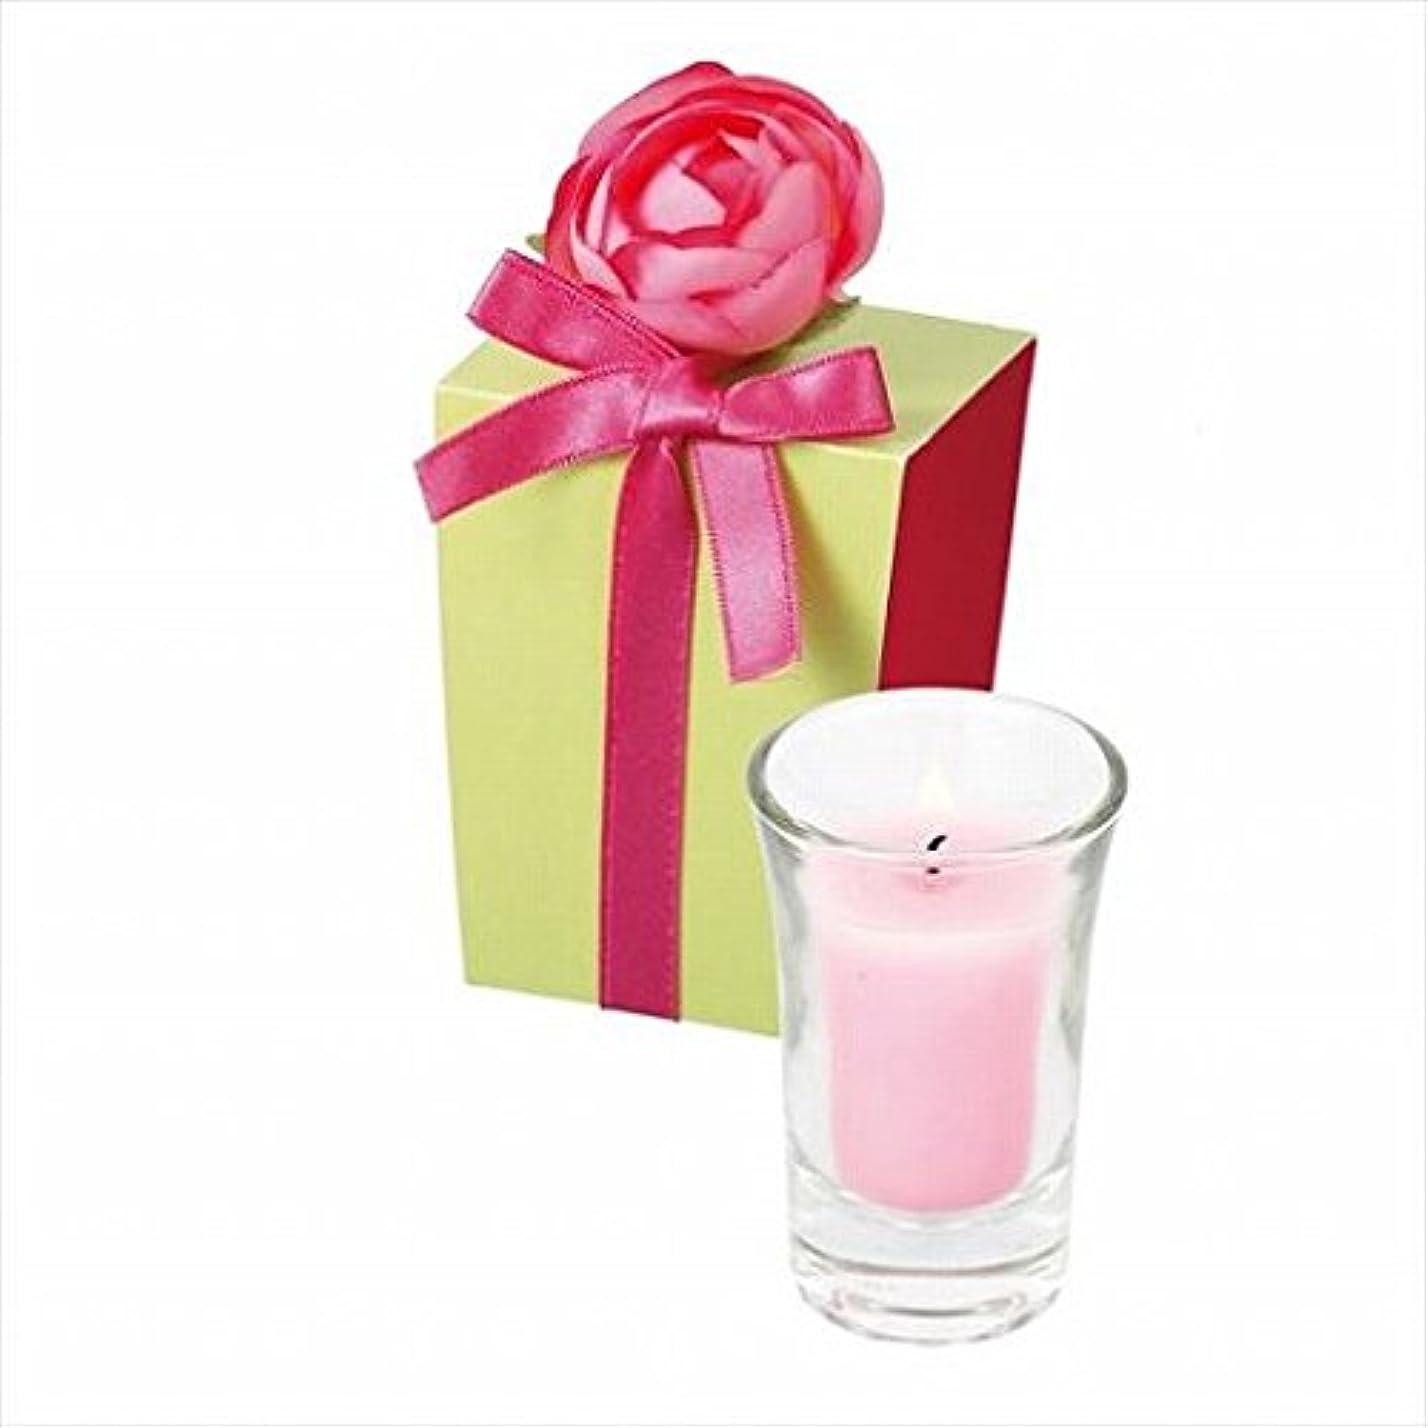 ハイランド剛性素晴らしきkameyama candle(カメヤマキャンドル) ラナンキュラスグラスキャンドル 「 ピンク 」(A9390500PK)